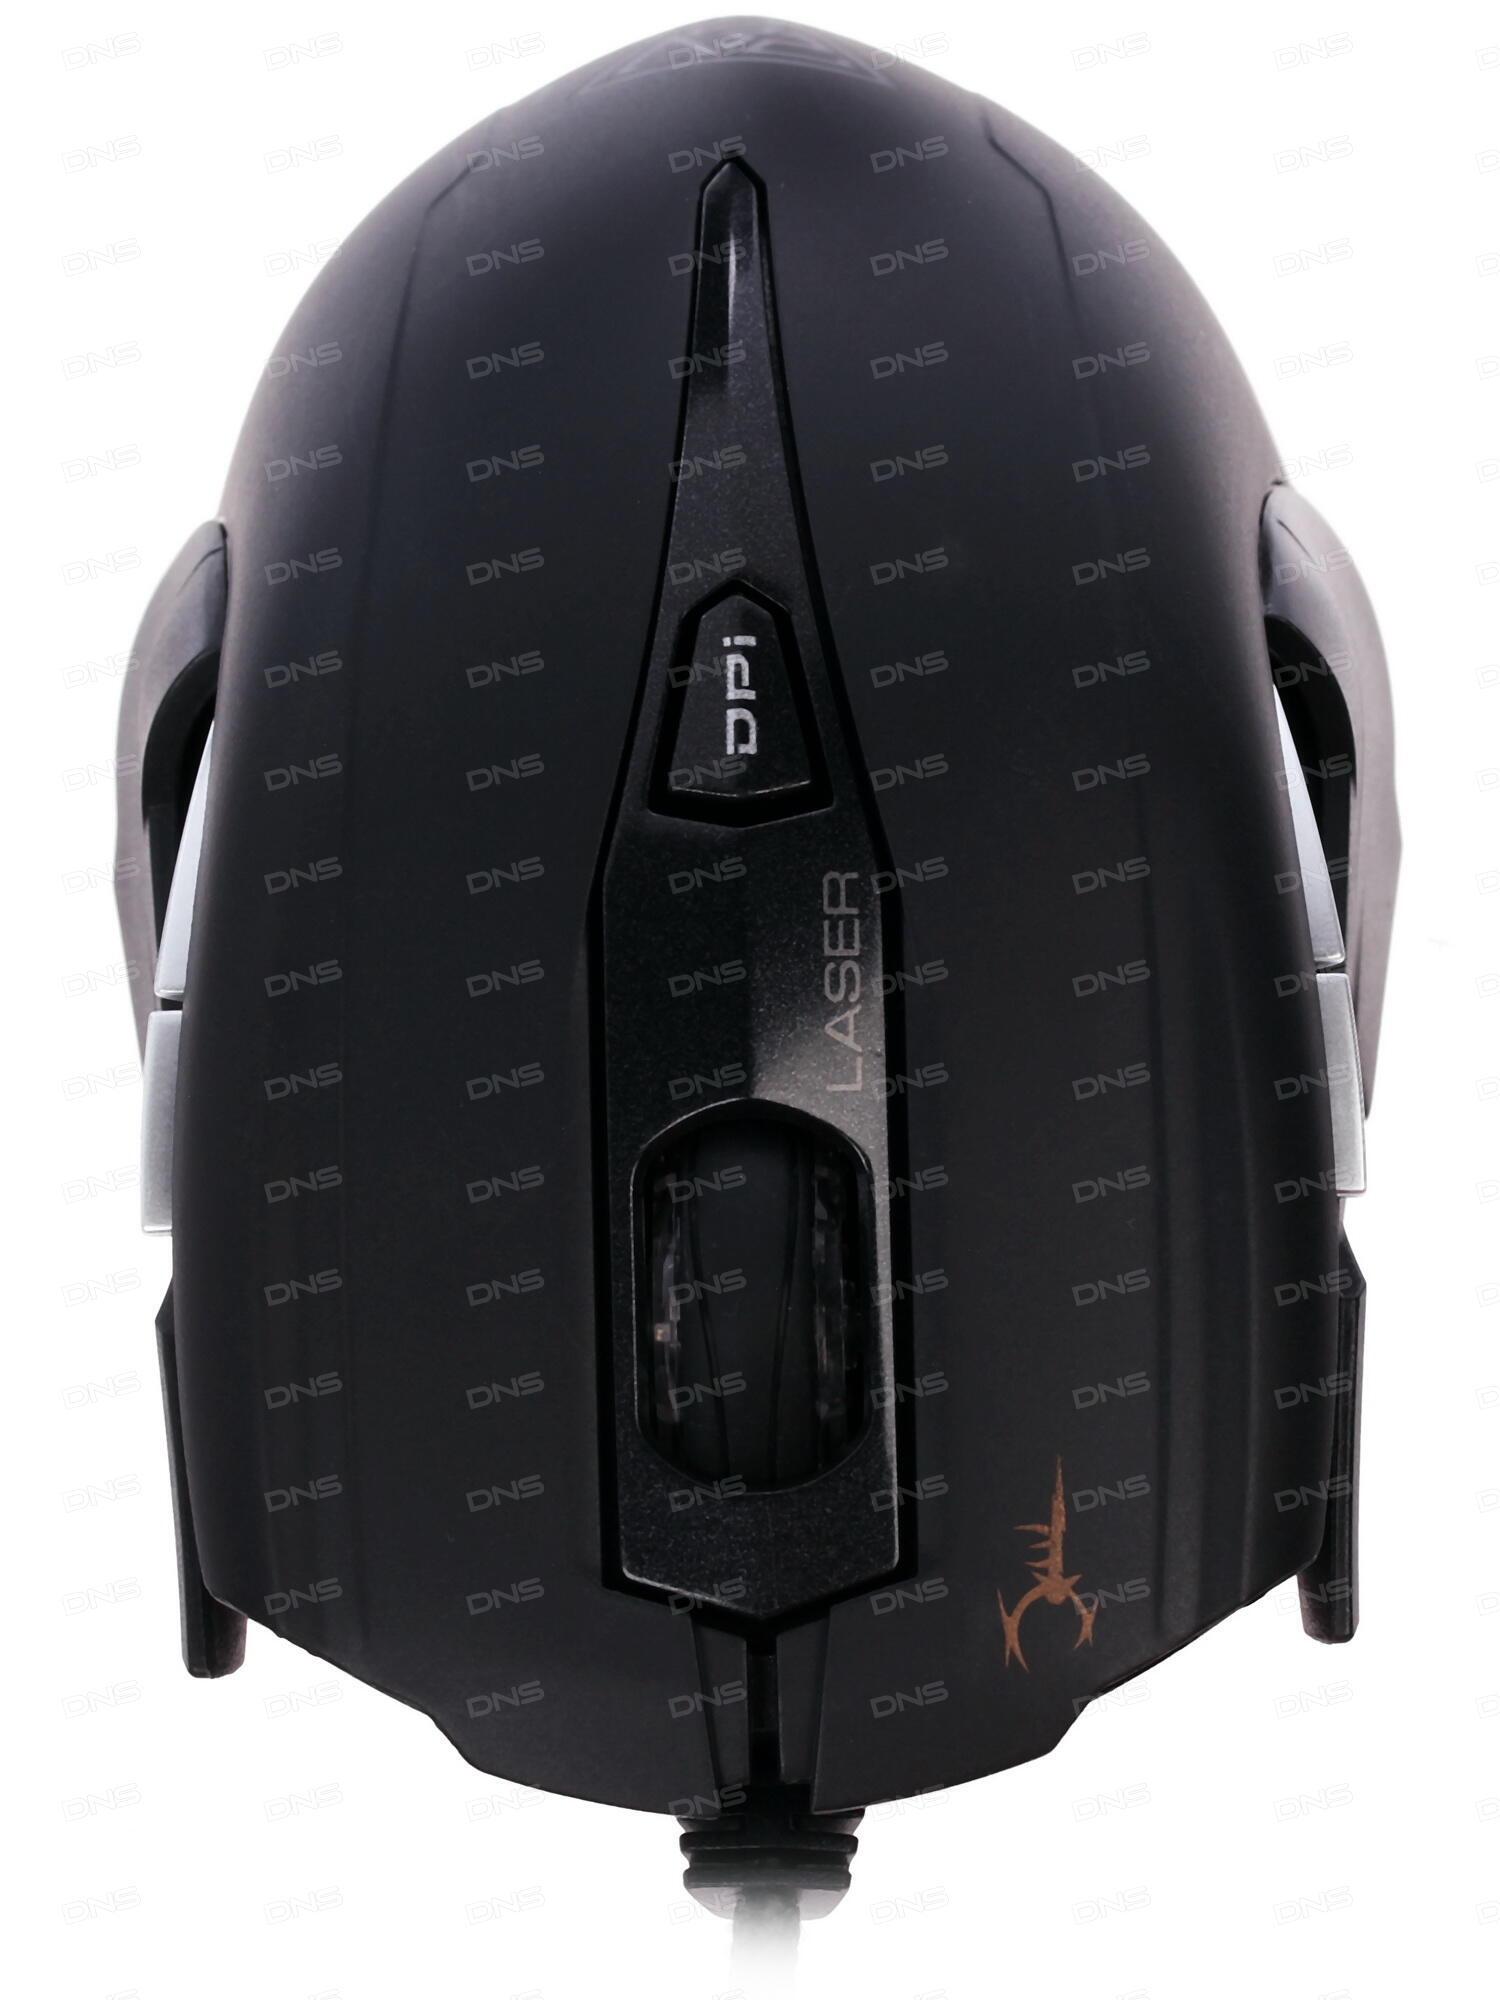 Мышь проводная GAMDIAS EREBOS Optical чёрный USB